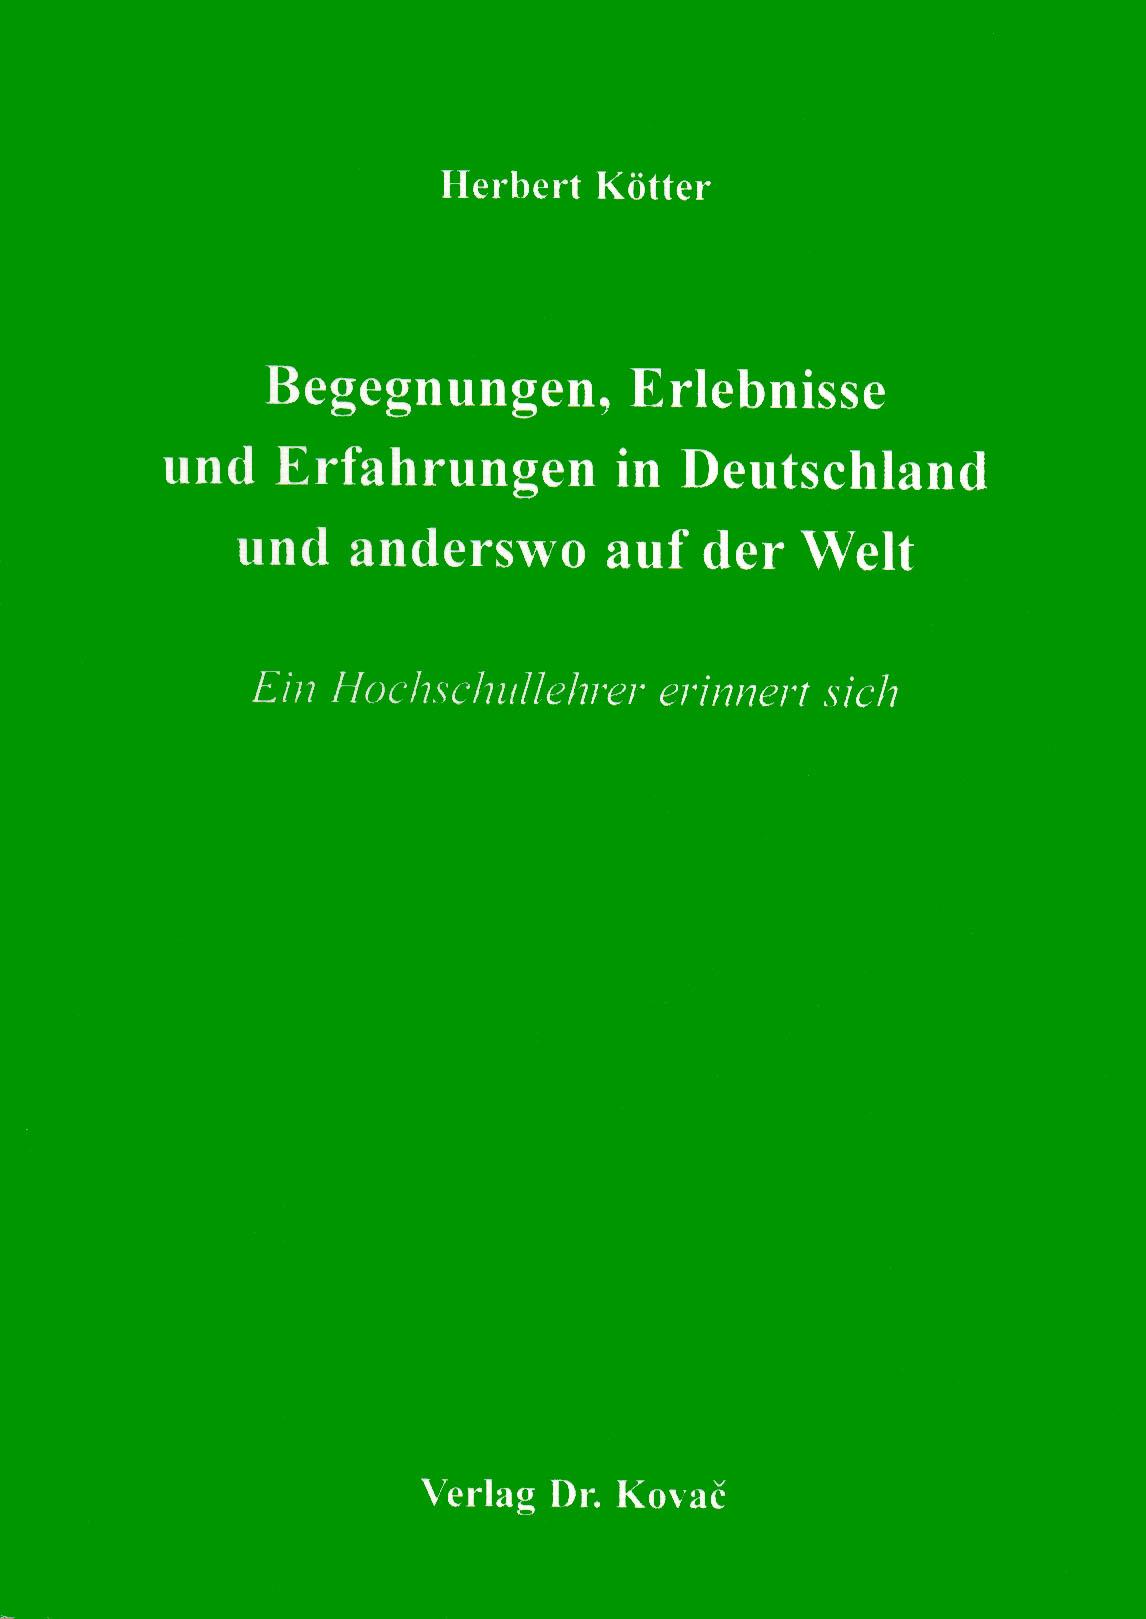 Cover: Begegnungen, Erlebnisse und Erfahrungen in Deutschland und anderswo auf der Welt